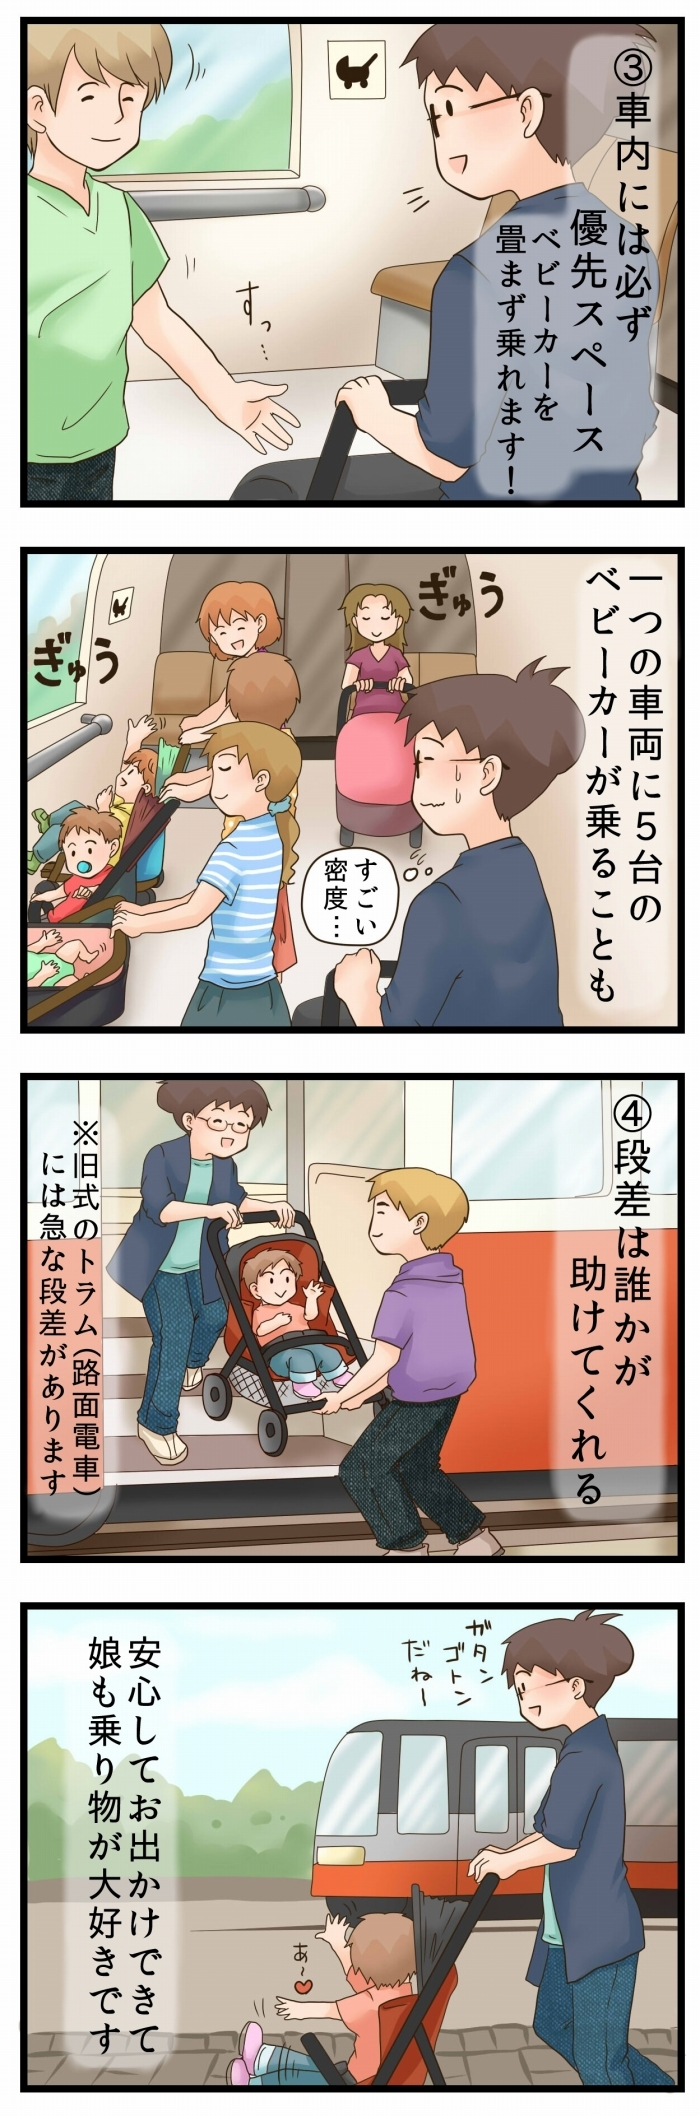 子連れで電車に乗る時は「親も運賃無料」になる国があった!の画像2